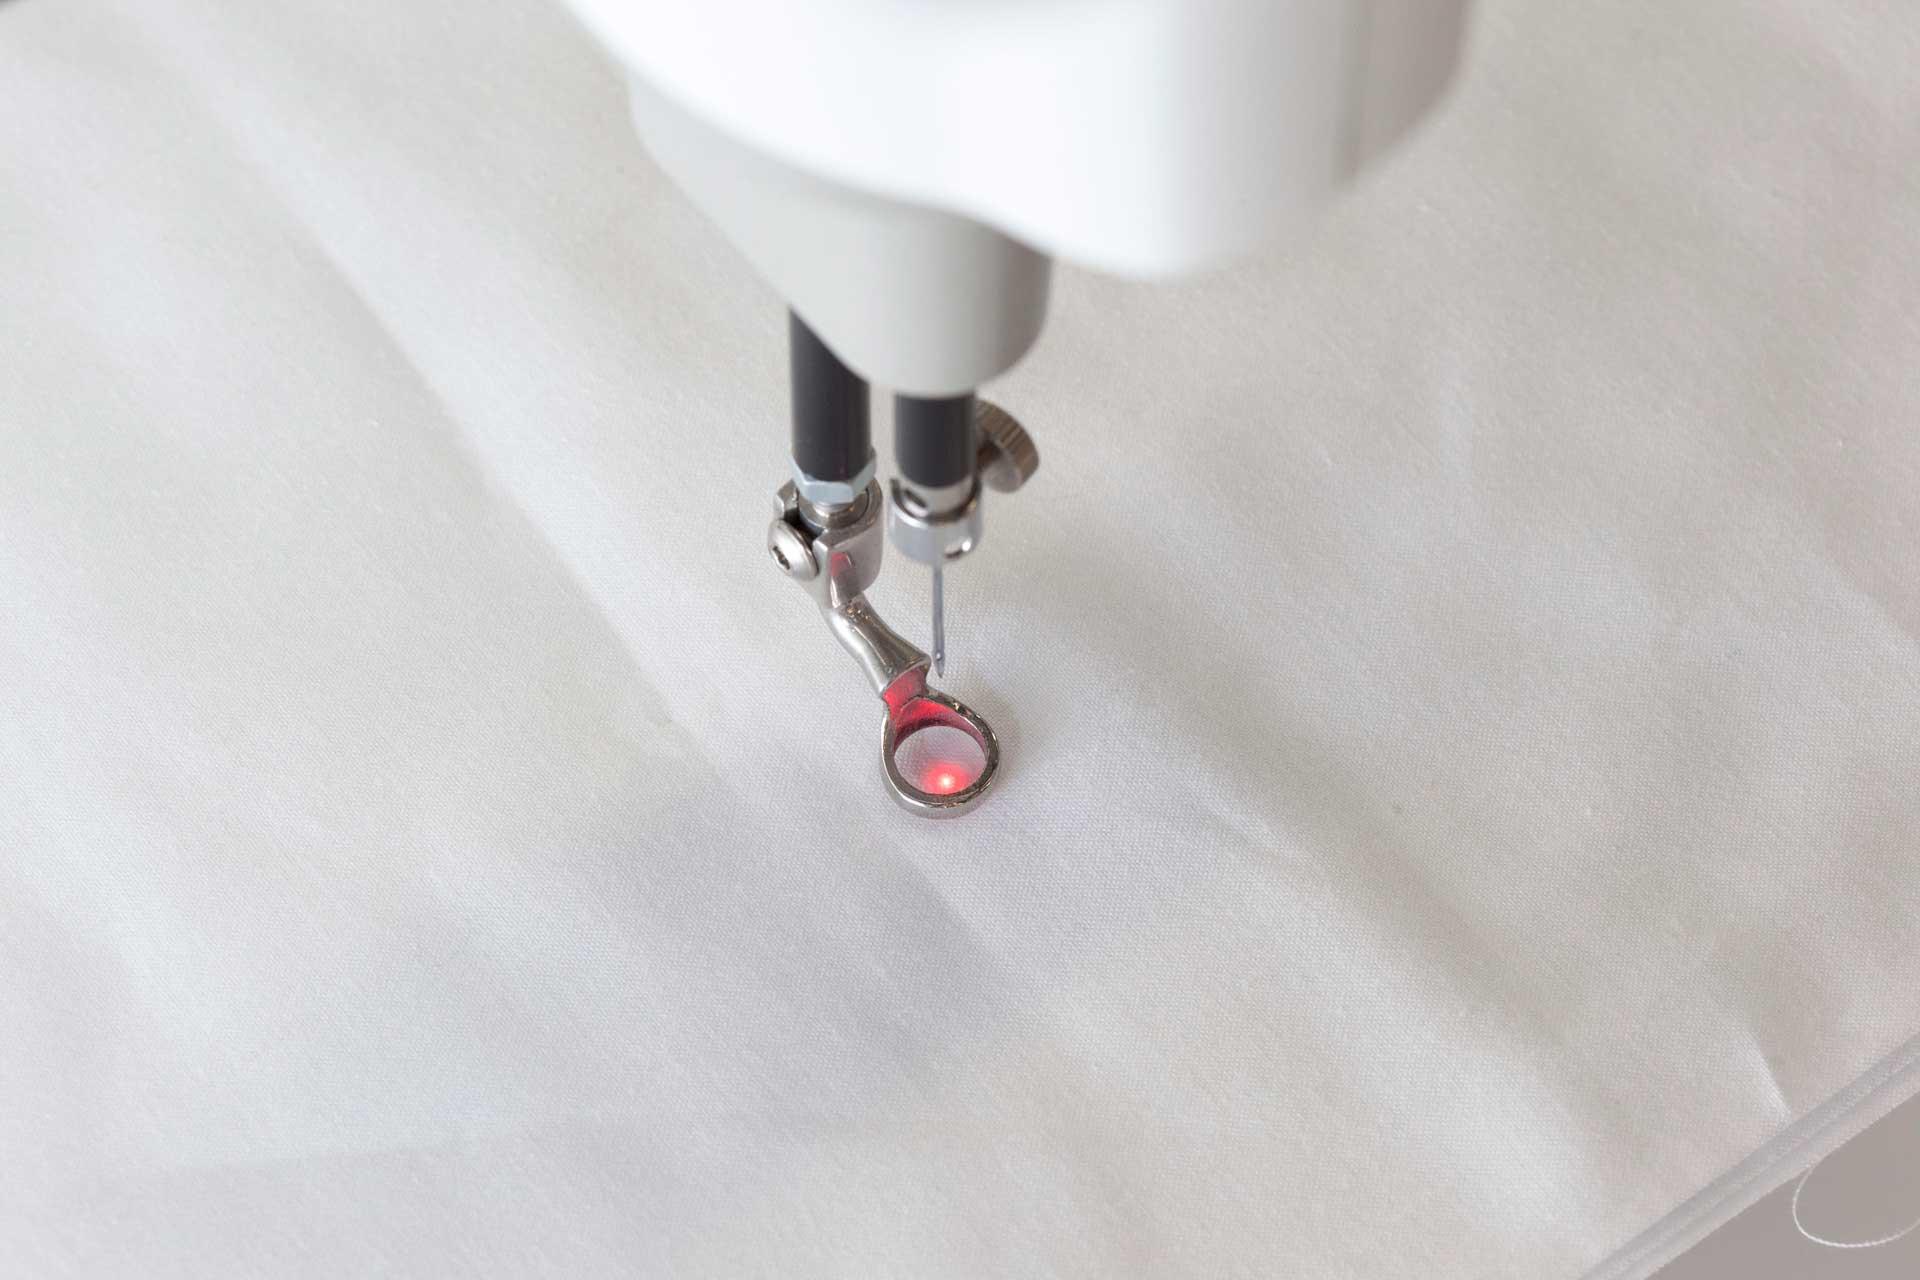 laserlight-for-needle.jpg